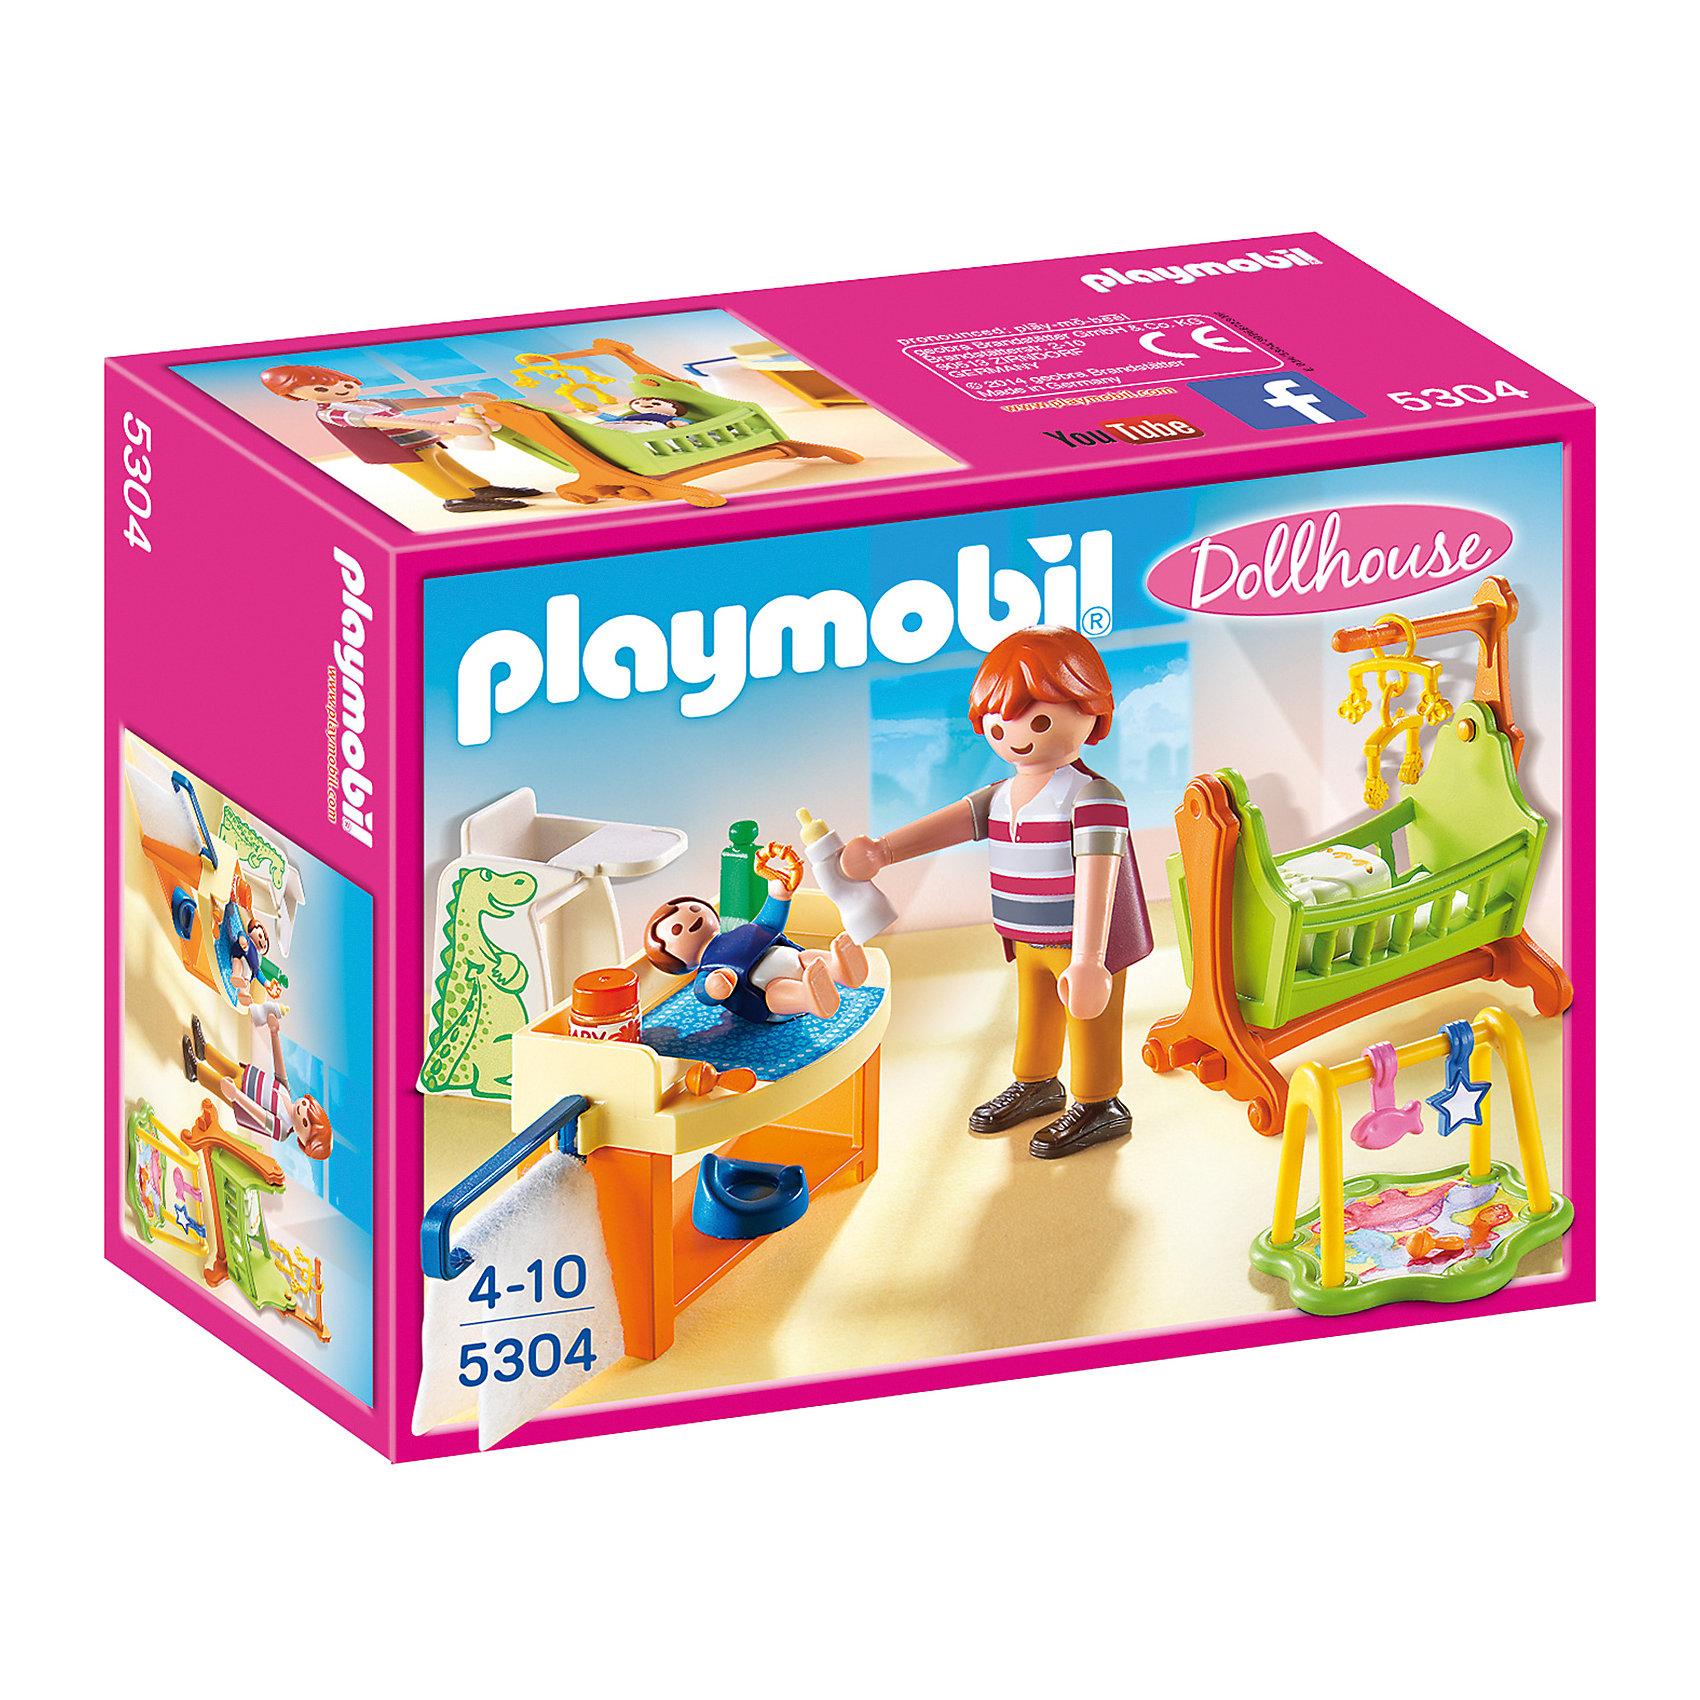 Детская комната с люлькой, PLAYMOBILПластмассовые конструкторы<br>С помощью этого набора можно собрать уютную детскую комнату с люлькой для совсем маленького ребенка. Так же в комнате есть пеленальный столик, горшок, стульчик, развивающий коврик, игрушки и аксессуары. Фигурка папы имеет подвижные конечности, в руки можно вложить инструменты. Все детали прекрасно проработаны и выполнены из высококачественного экологичного пластика безопасного для детей. <br><br>Дополнительная информация:<br><br>- 2 фигурка в наборе. <br>- Комплектация: 2 фигурки, люлька, развивающий коврик, пеленальный столик, высокий стульчик, аксессуары, игрушки. <br>- Материал: пластик.<br>- Размер упаковки: 19х15х7 см.<br>- Высота фигурки: 7,5 см.<br>- Голова, руки, ноги у фигурки подвижные.<br><br>Набор Детская комната с люлькой, PLAYMOBIL (Плеймобил), можно купить в нашем магазине.<br><br>Ширина мм: 195<br>Глубина мм: 147<br>Высота мм: 76<br>Вес г: 149<br>Возраст от месяцев: 48<br>Возраст до месяцев: 120<br>Пол: Женский<br>Возраст: Детский<br>SKU: 4012486